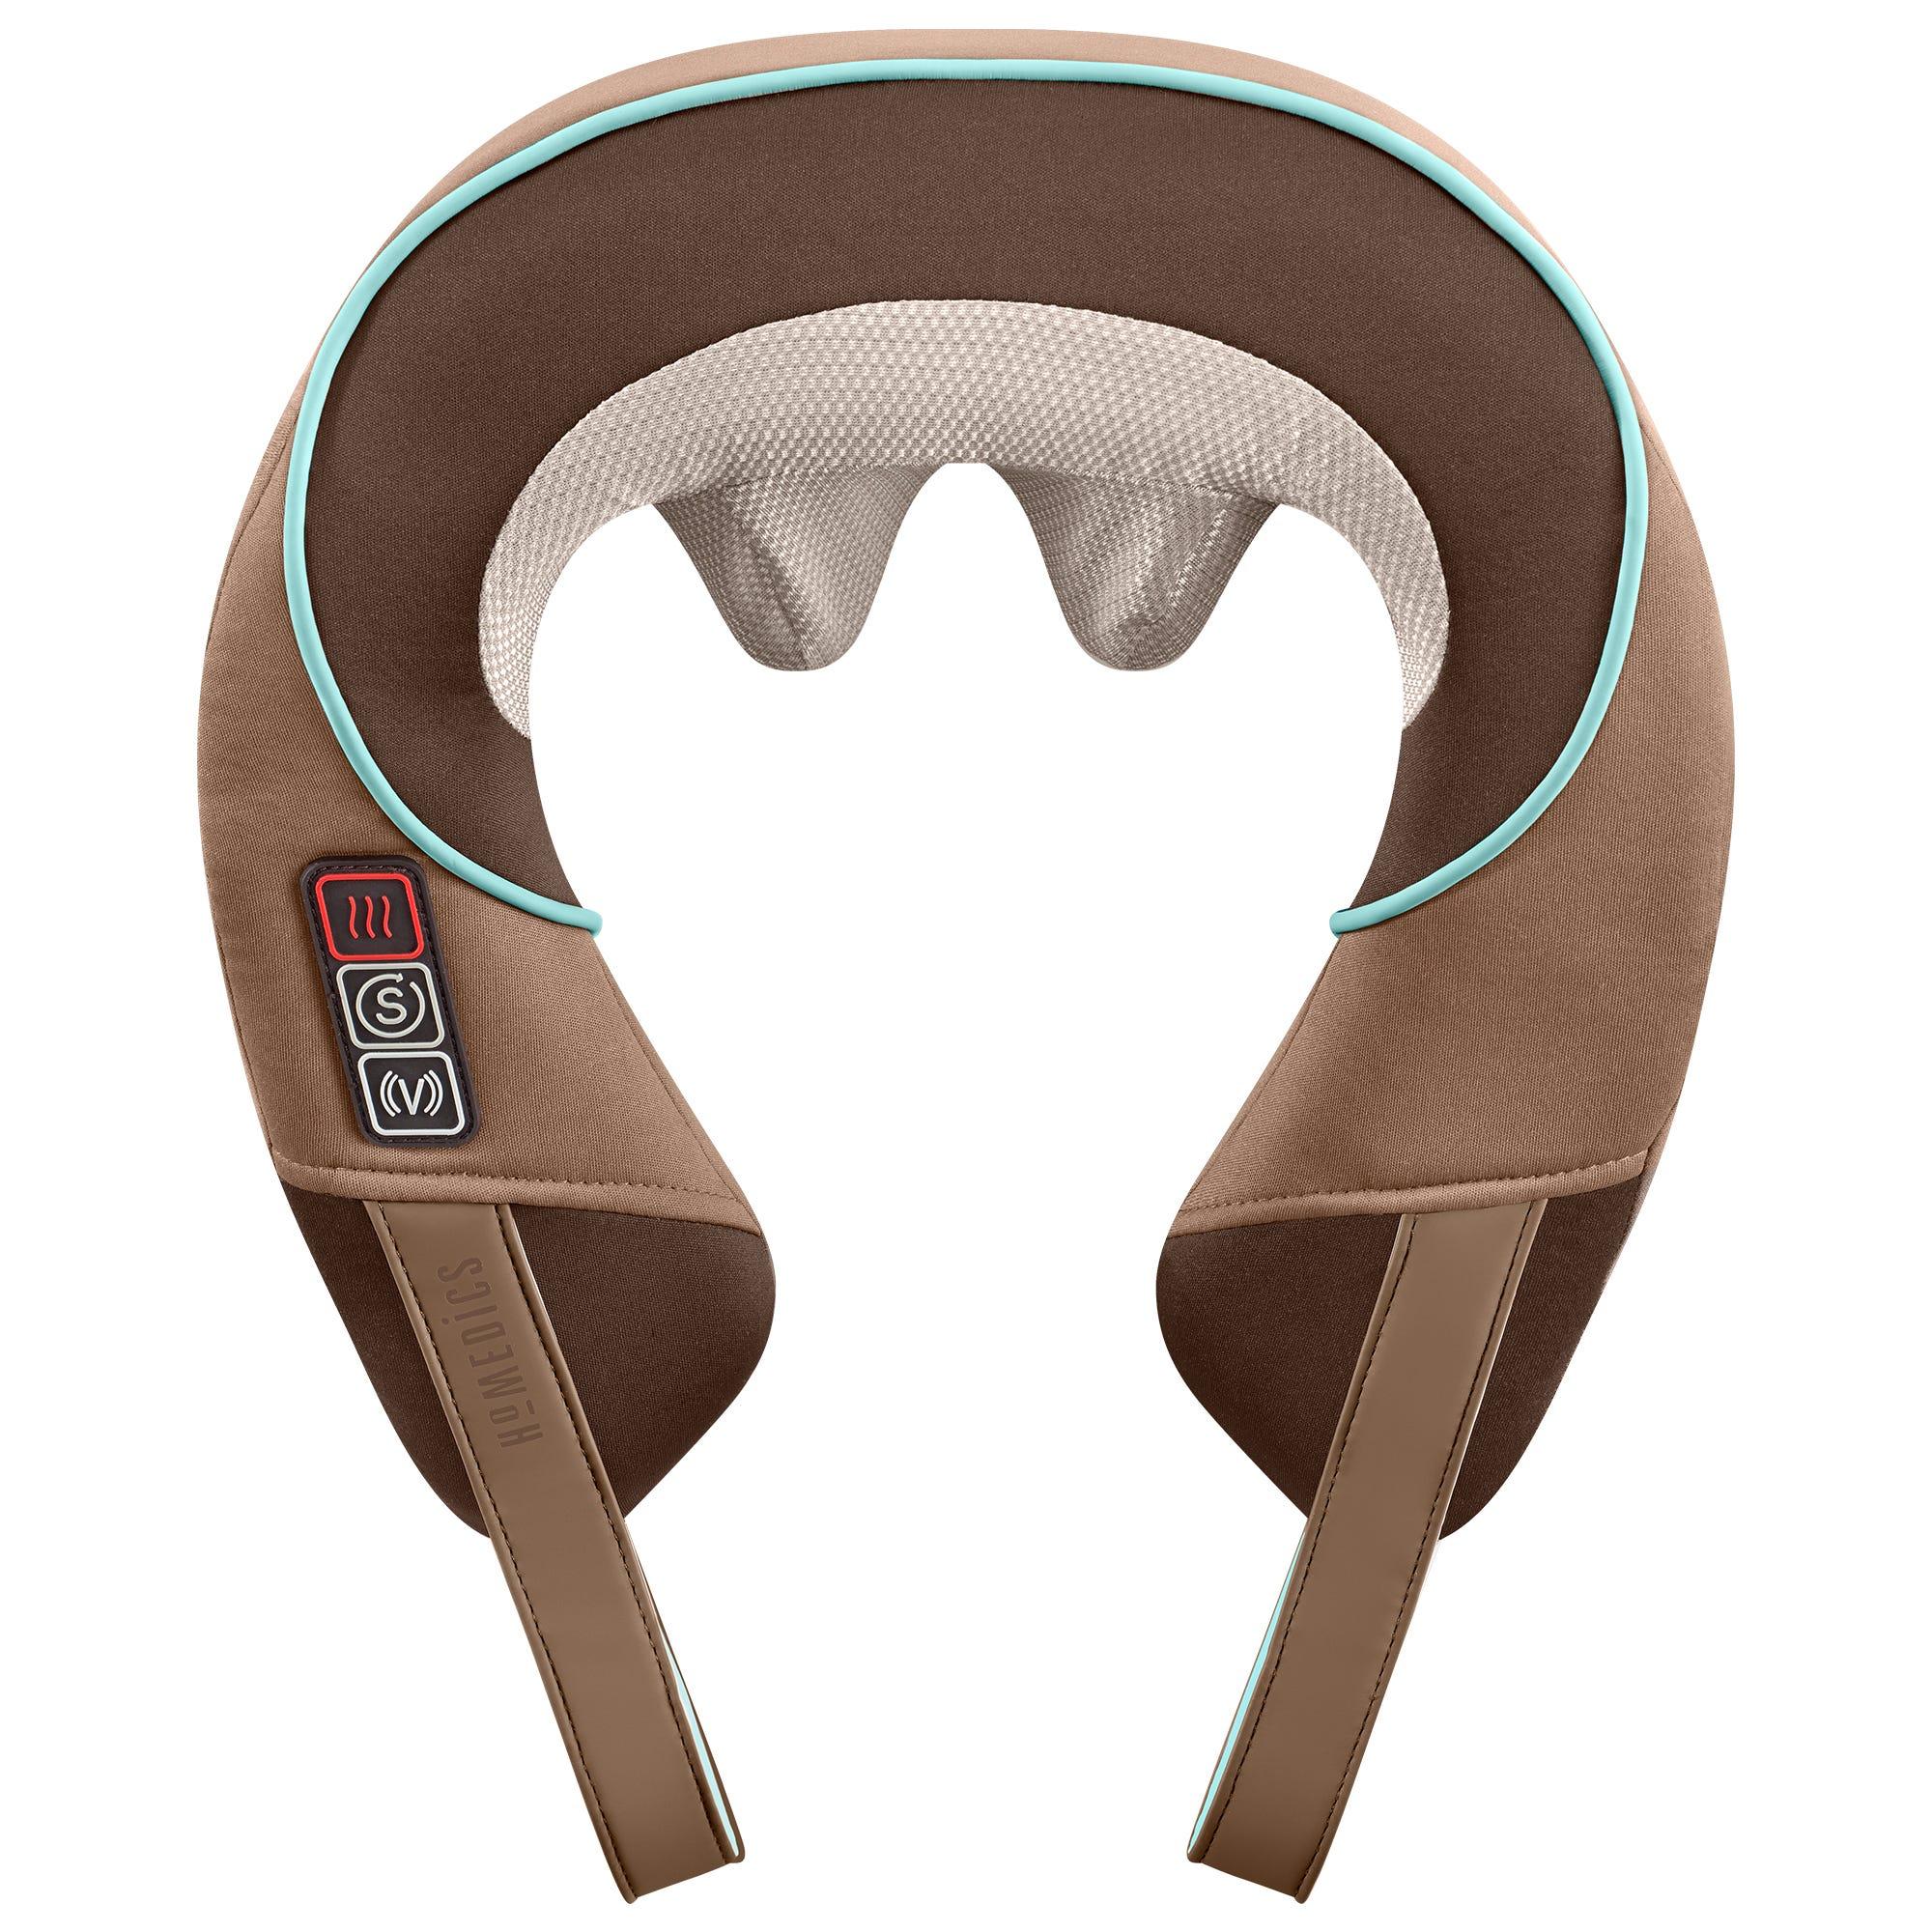 Masajeador para cuello shiatsu HoMedics®, con vibración y calor